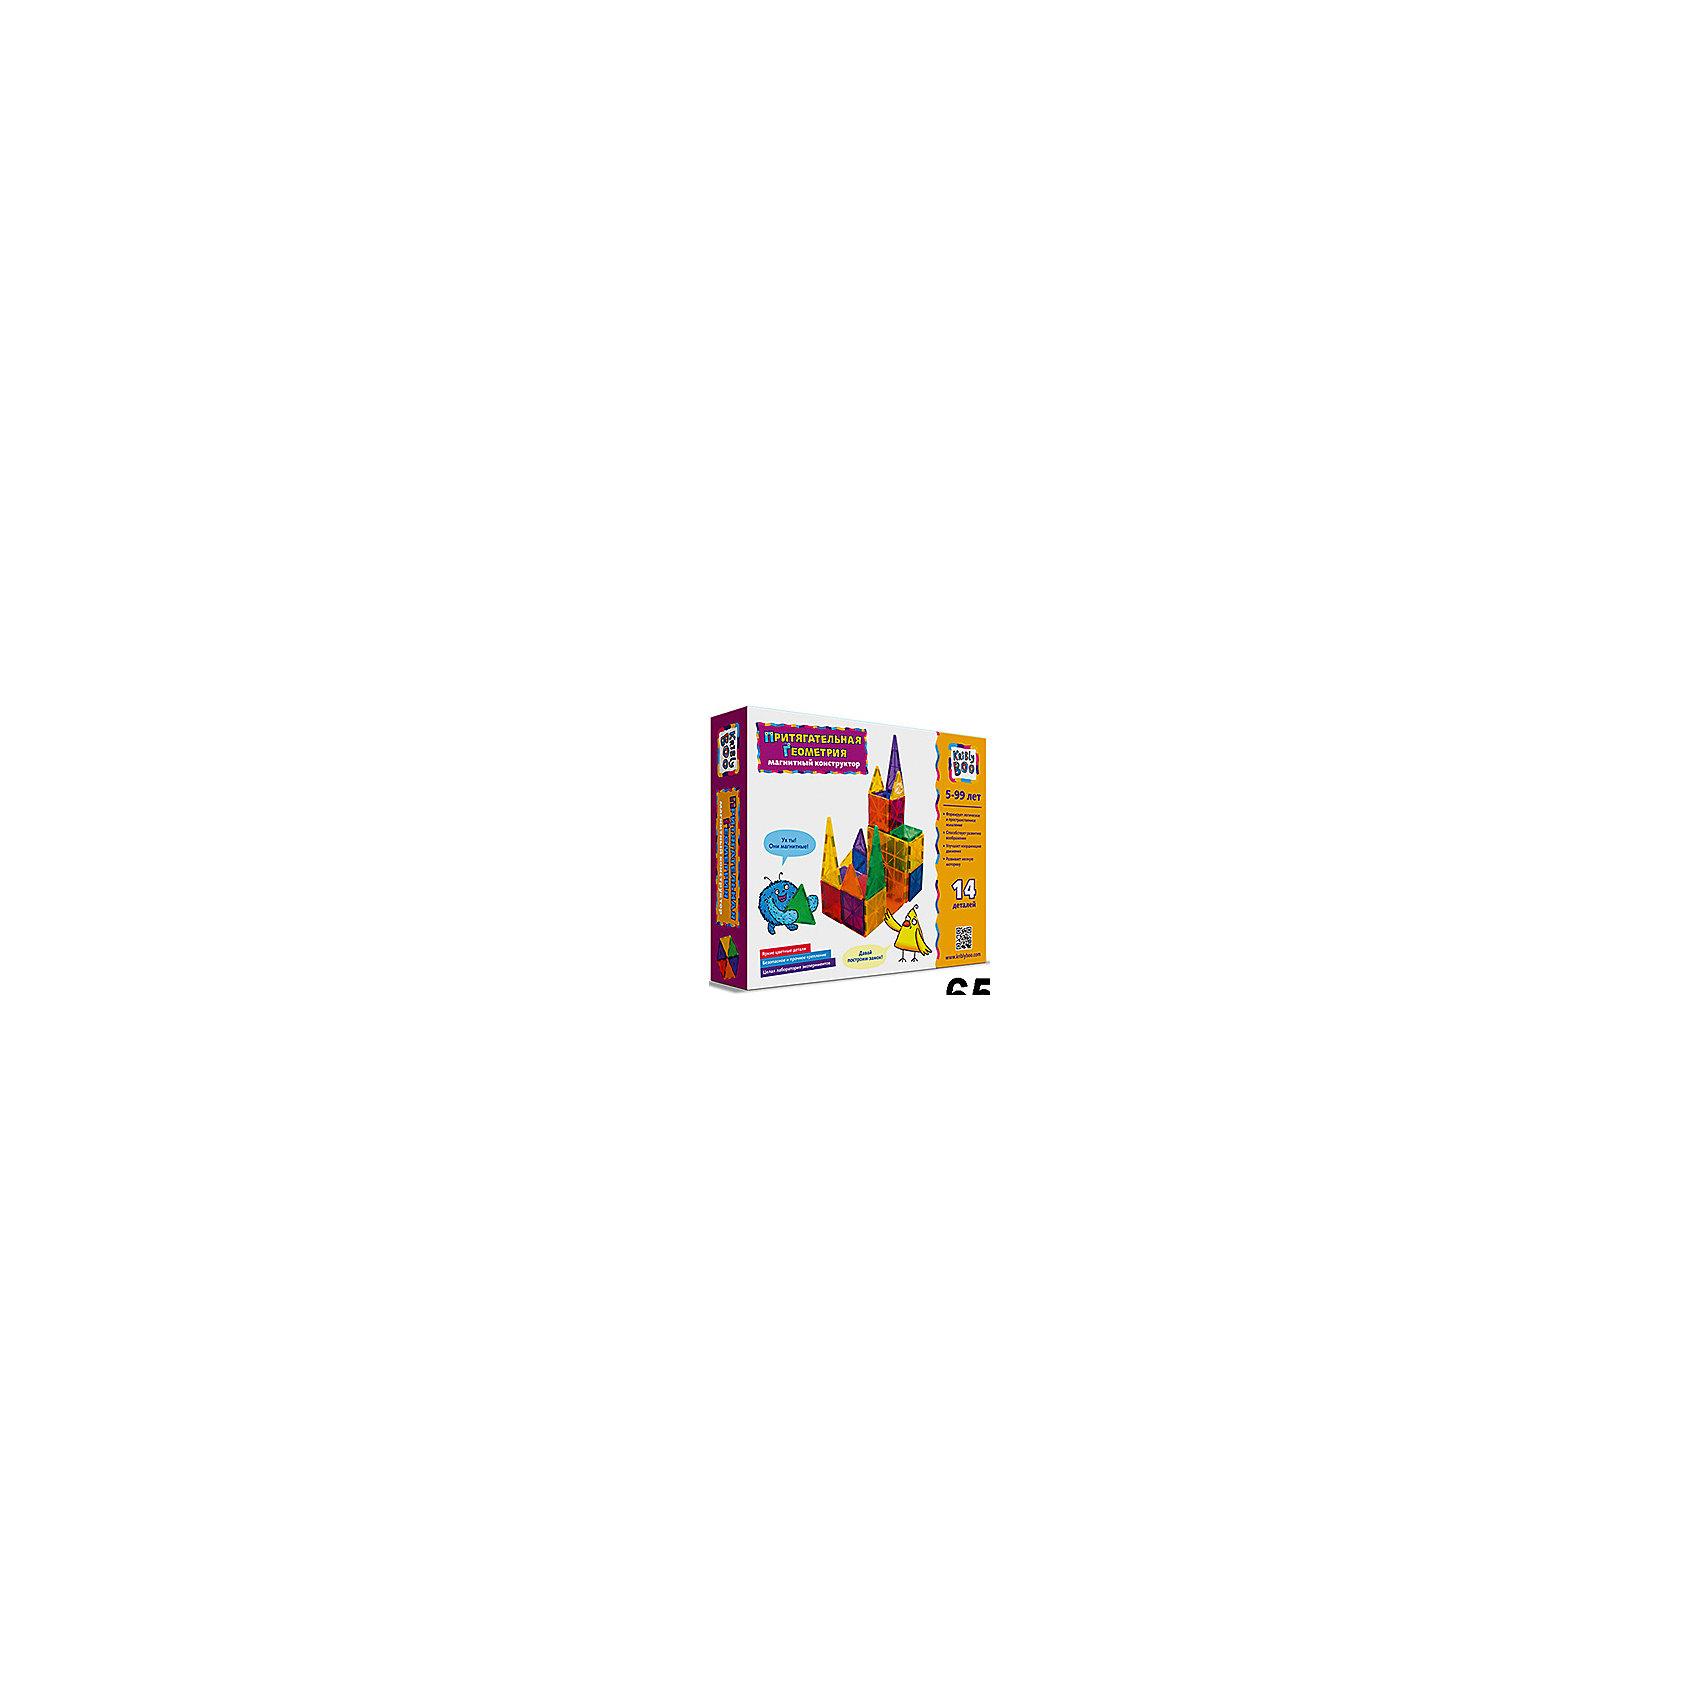 Магнитный конструктор Притягательная геометрия,14 деталей, Kribly BooМагнитные конструкторы<br>Магнитный конструктор Притягательная геометрия, 14 деталей, Kribly Boo (Крибли Бу)<br><br>Характеристики:<br><br>• яркие детали<br>• количество деталей: 14<br>• материал: пластик, магнит<br>• размер упаковки: 22х18х5 см<br>• вес: 150 грамм<br><br>С помощью конструктора Притягательная геометрия ребенок сможет построить любые сооружения, замки или транспортные средства. Каждая деталь имеет геометрическую форму и магнит. Таким образом, ребенок познакомится с геометрическими фигурами и узнает многое о магнитном притяжении. Развивающий конструктор станет прекрасным подарком для любознательных малышей!<br><br>Магнитный конструктор Притягательная геометрия,14 деталей, Kribly Boo (Крибли Бу) вы можете купить в нашем интернет-магазине.<br><br>Ширина мм: 180<br>Глубина мм: 50<br>Высота мм: 220<br>Вес г: 15<br>Возраст от месяцев: 60<br>Возраст до месяцев: 120<br>Пол: Унисекс<br>Возраст: Детский<br>SKU: 5059076